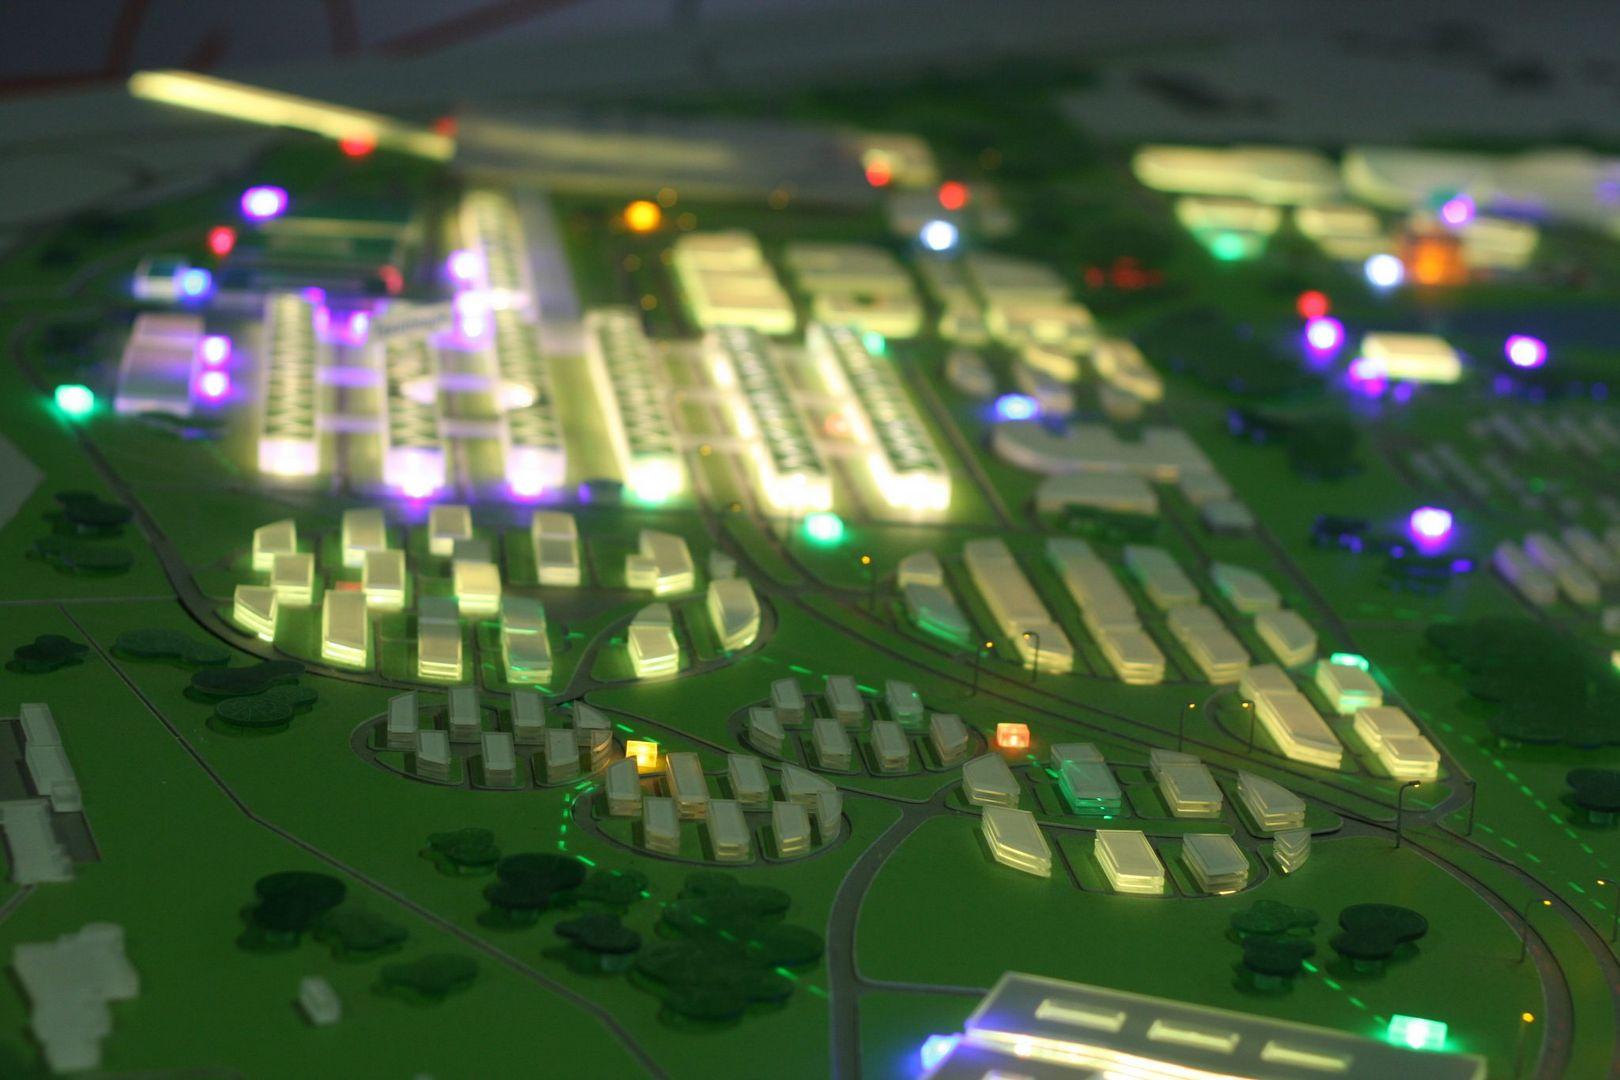 Подсвеченными прямоугольниками наглядно показаны все трансформаторные подстанции